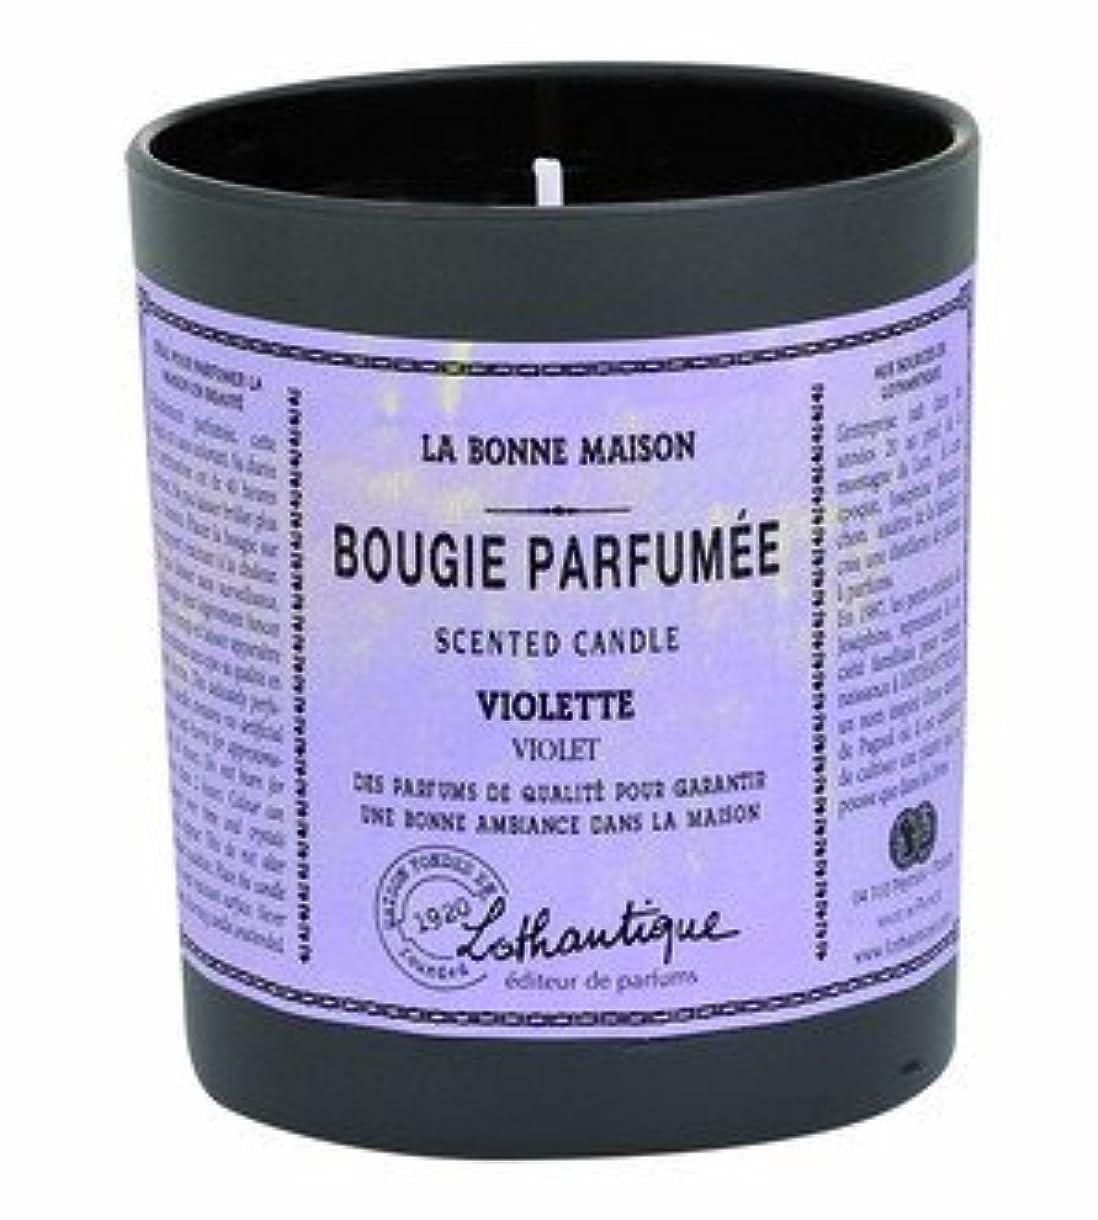 多用途胚芽シネウィLothantique(ロタンティック) LES Bonne Maison(ボンメゾンシリーズ) グラスキャンドル 160g 「ミモザ」 3420070039422